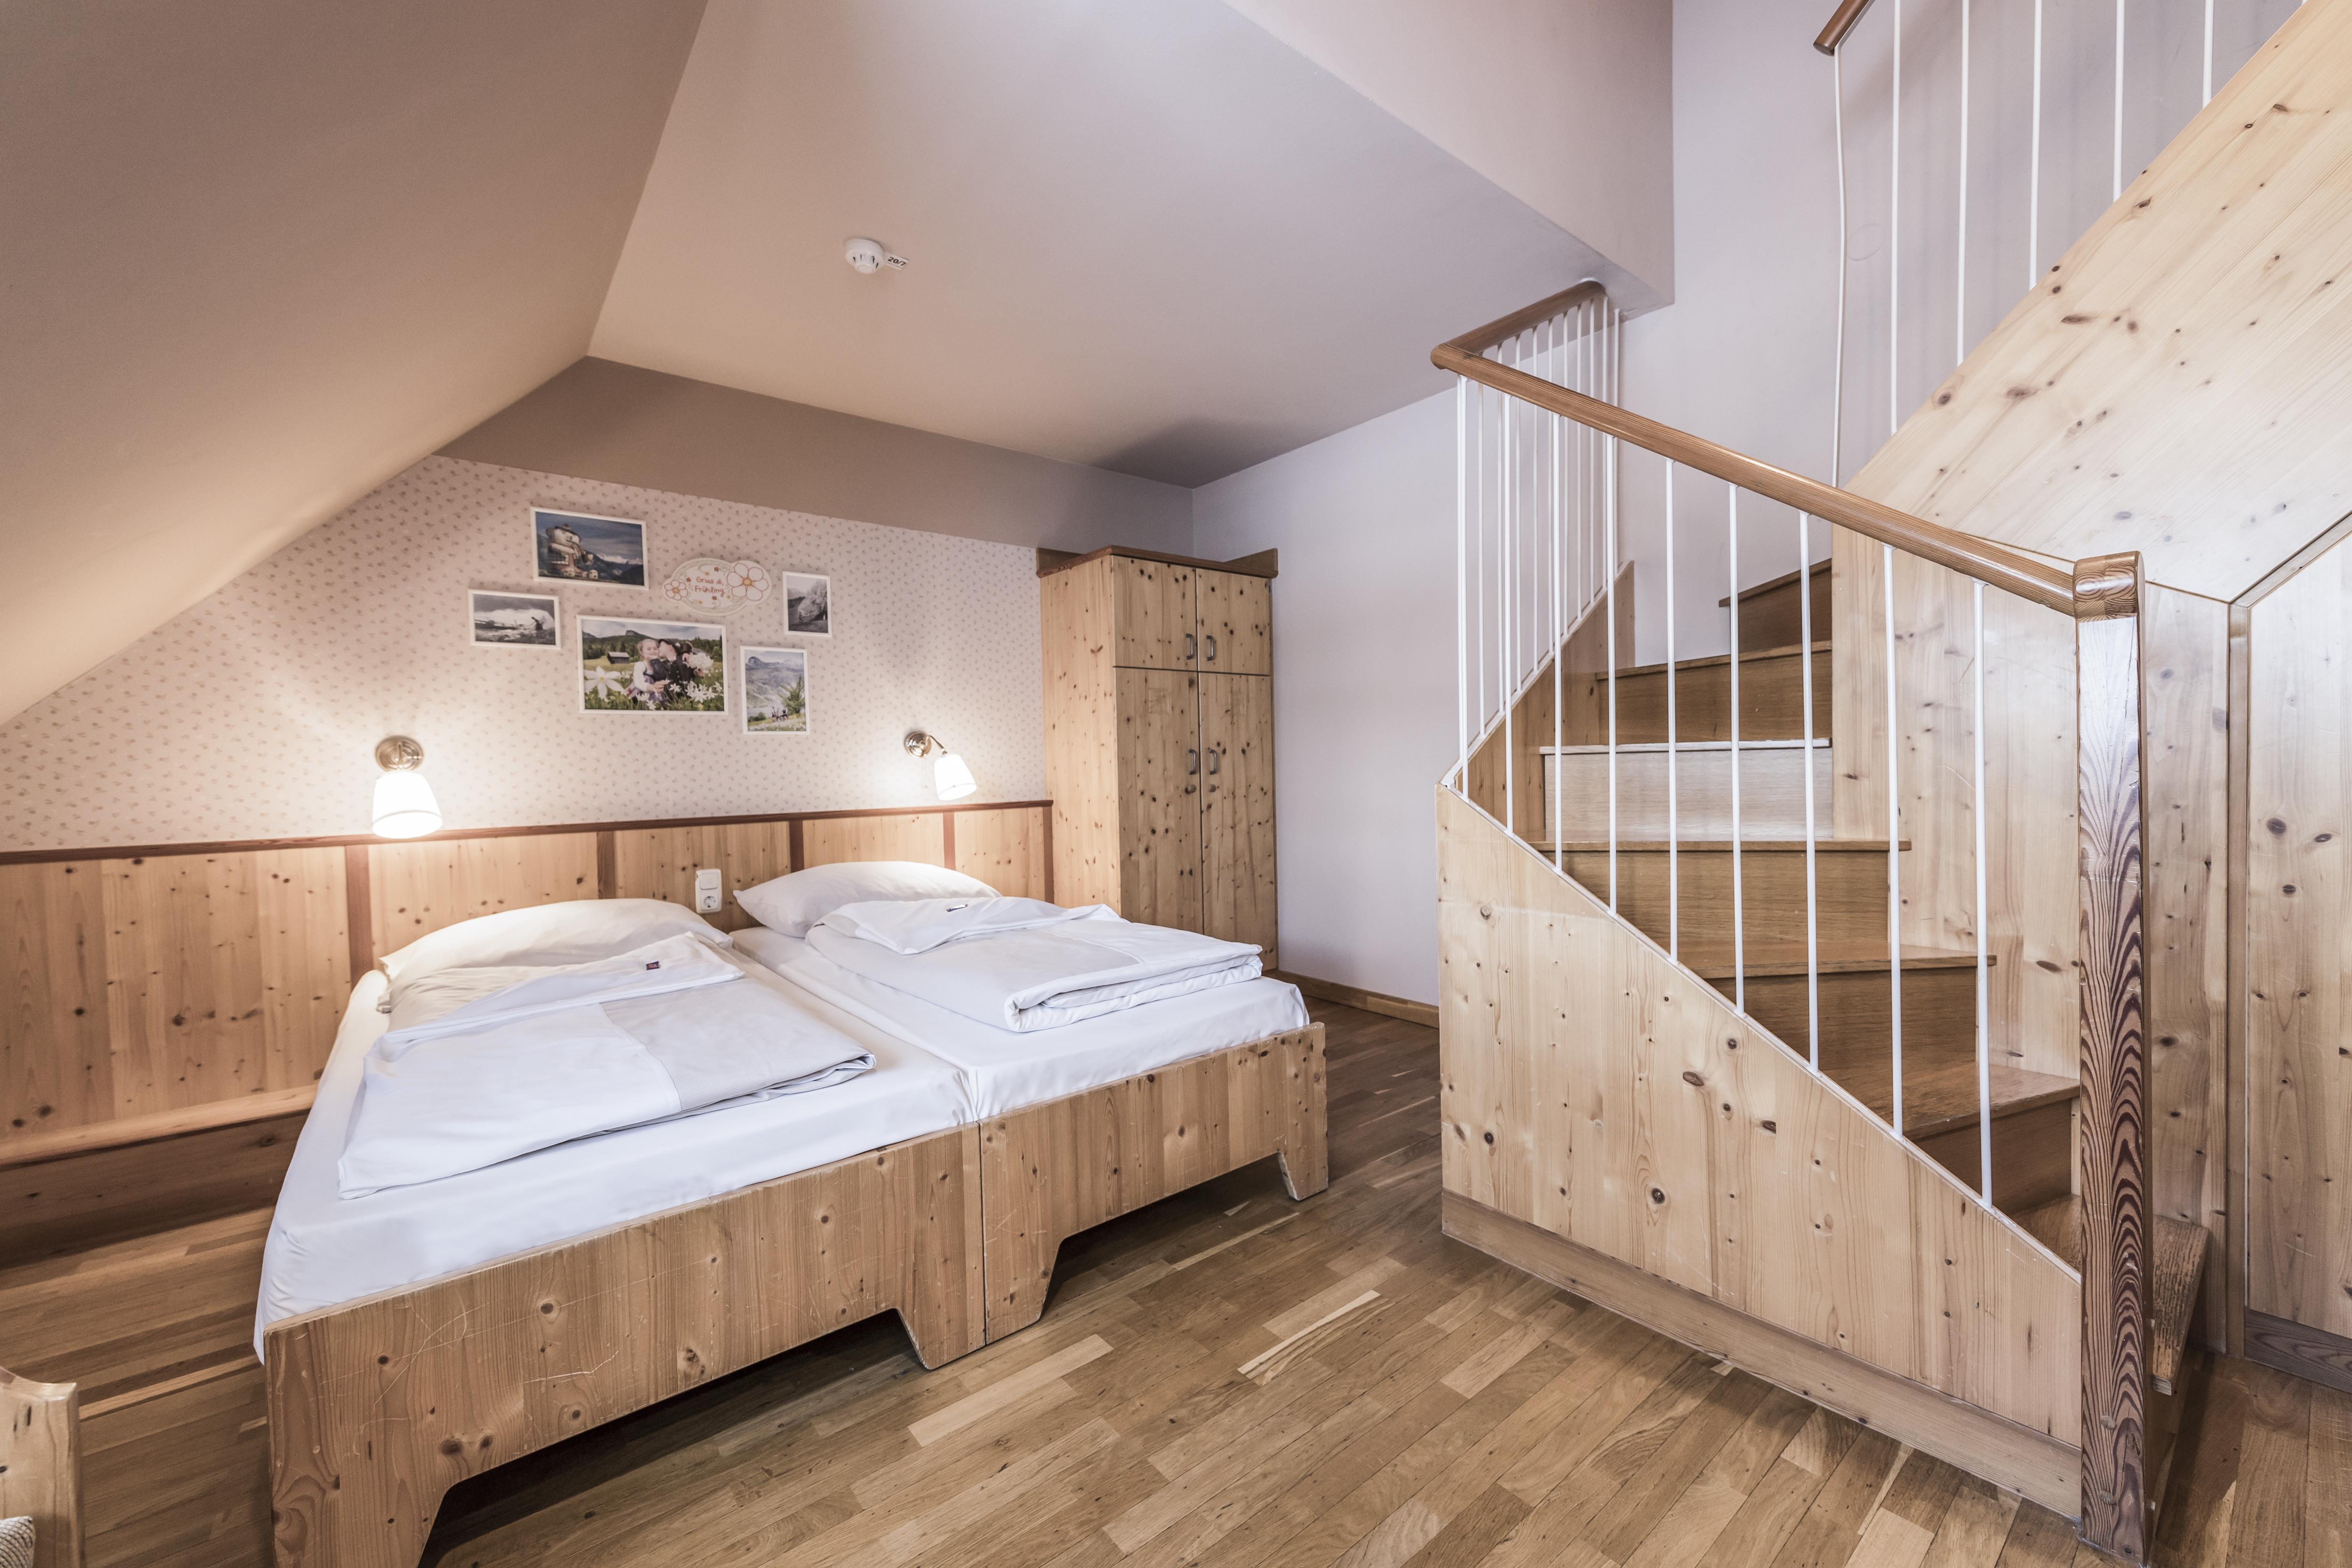 Sie sehen ein Doppelbett in einem Galeriezimmer large im JUFA Hotel Grundlsee*** mit einer Treppe. JUFA Hotels bietet erholsamen Familienurlaub und einen unvergesslichen Winter- und Wanderurlaub.